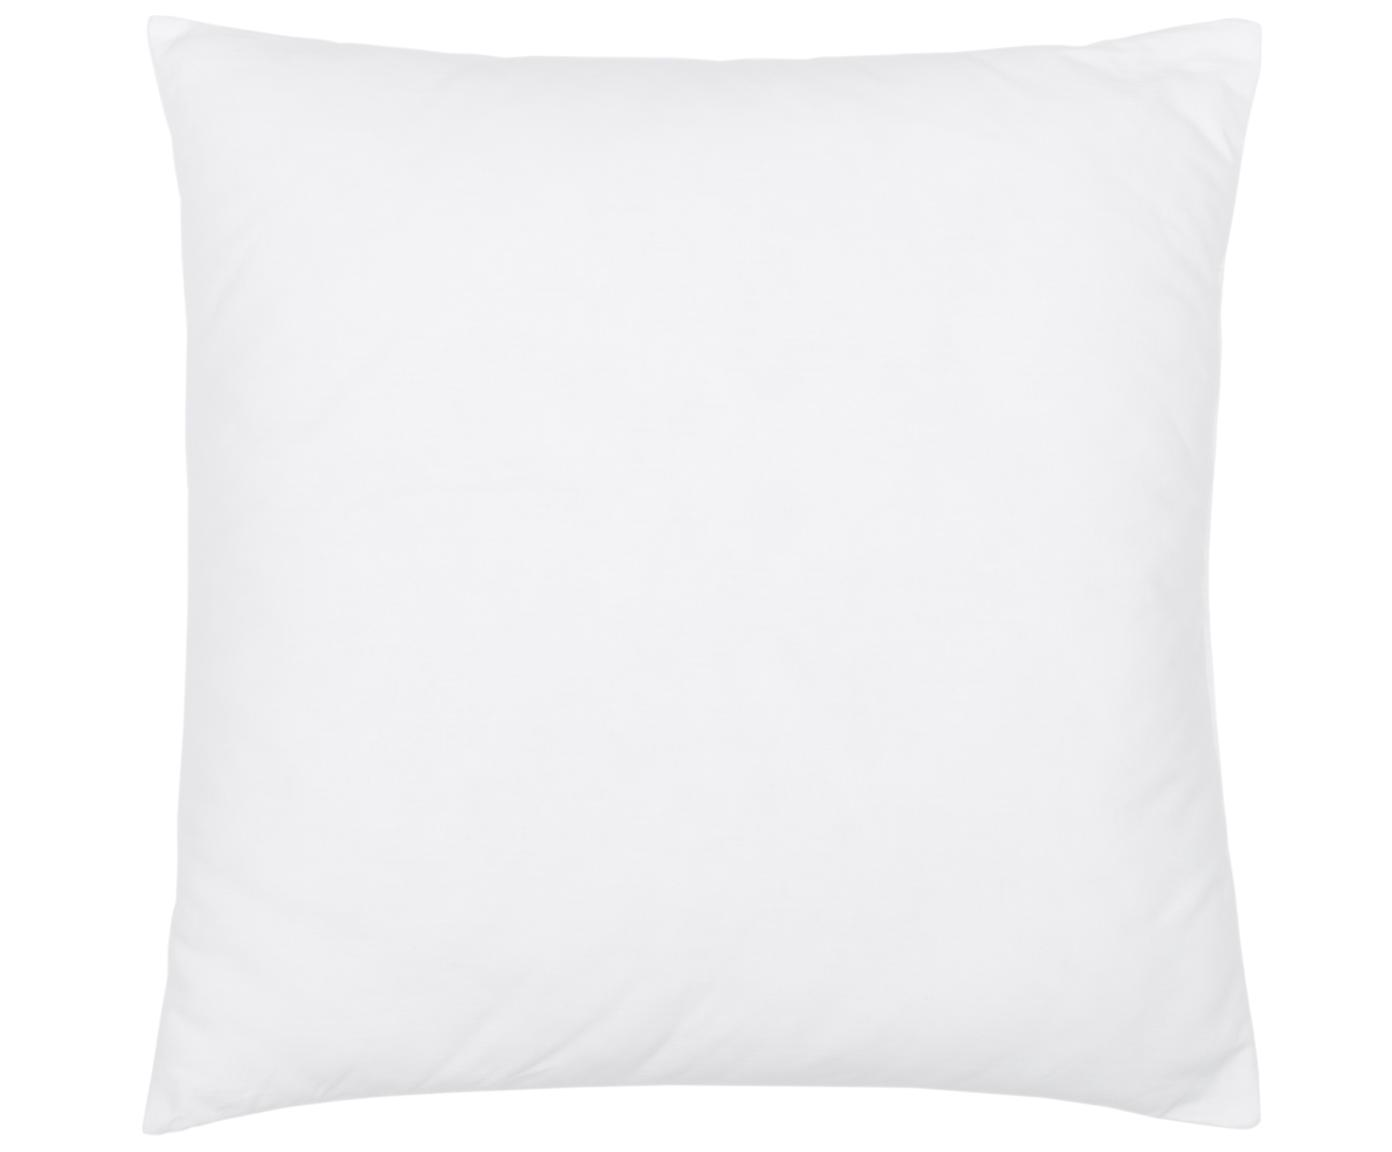 Kissen-Inlett Sia, 50x50, Microfaser-Füllung, Hülle: 100% Baumwolle, Weiss, 50 x 50 cm